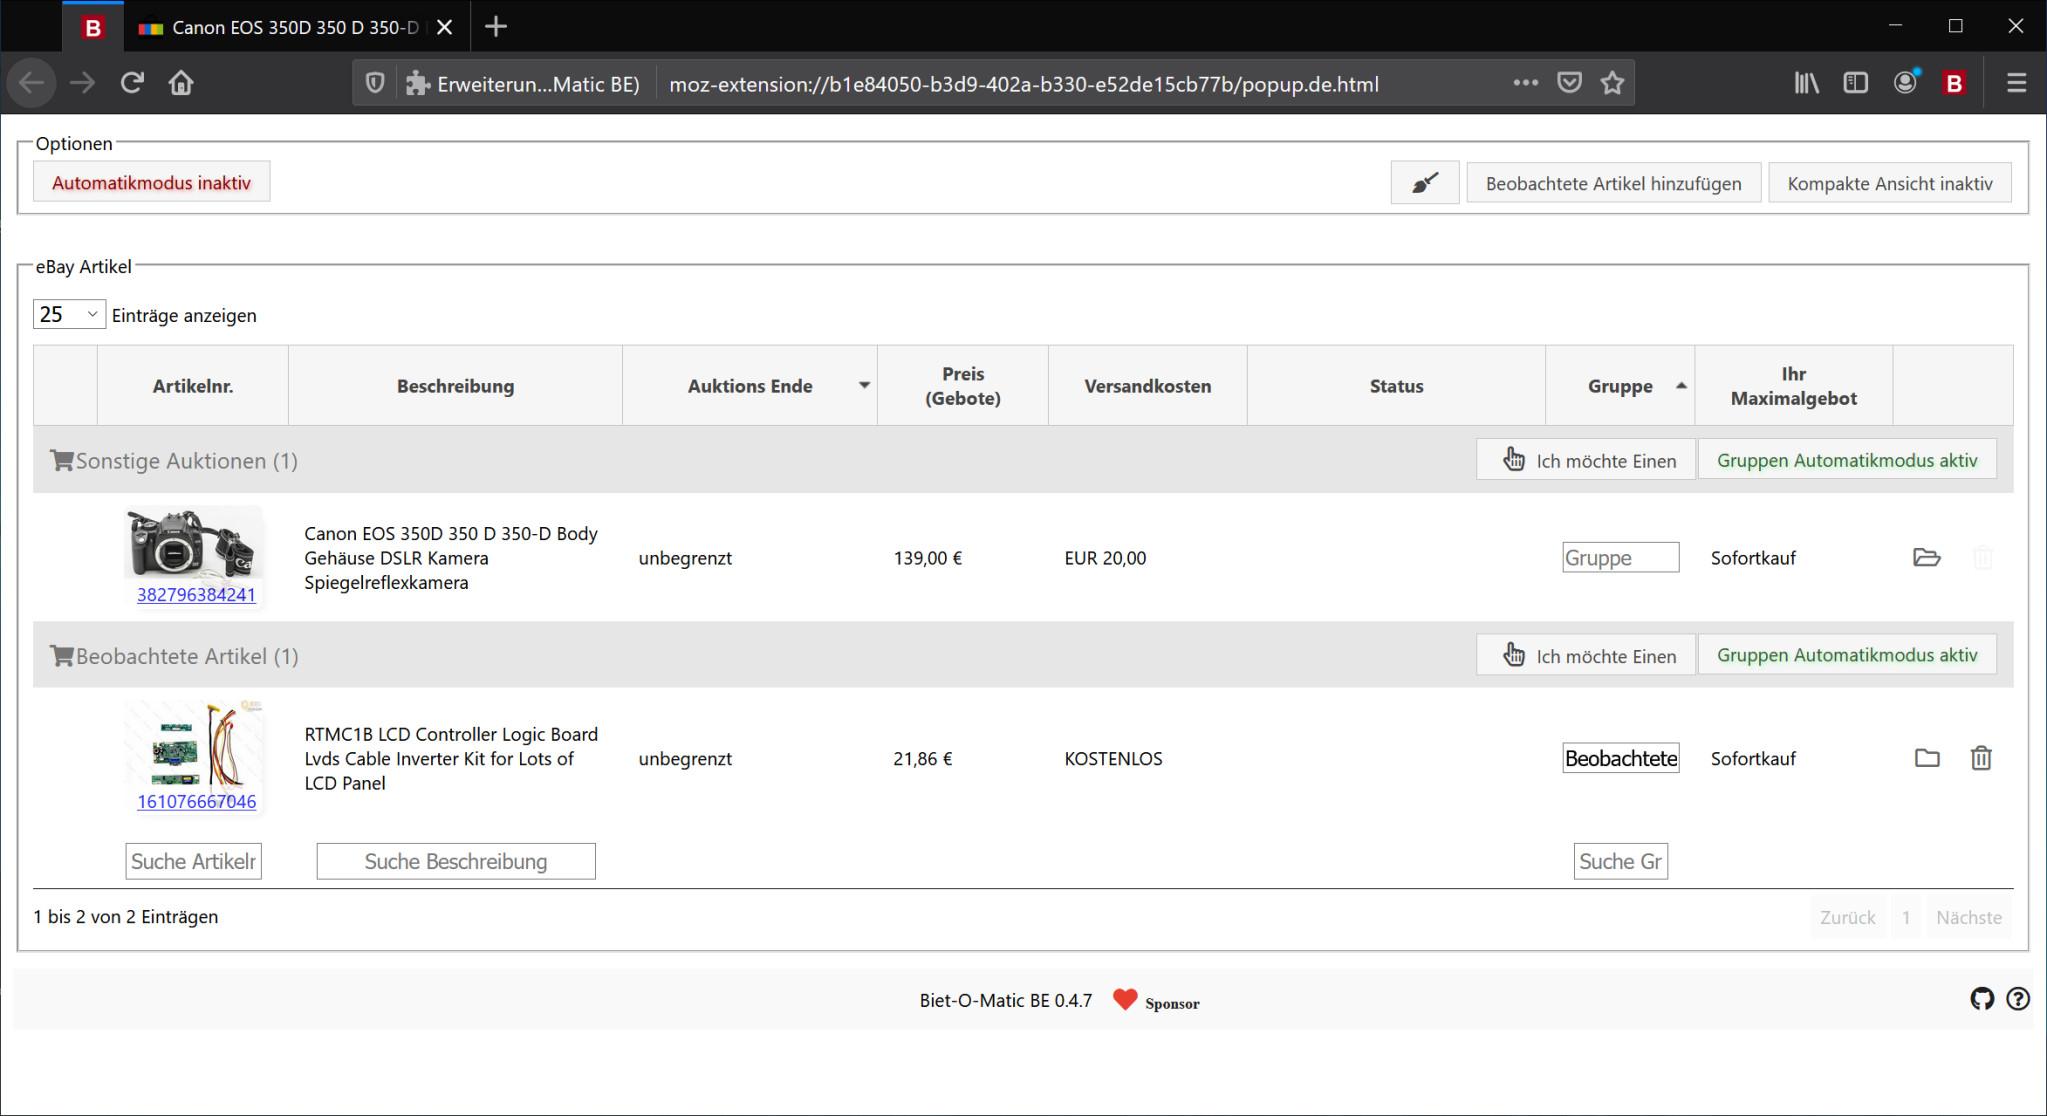 Screenshot 1 - Biet-O-Matic BE für Firefox